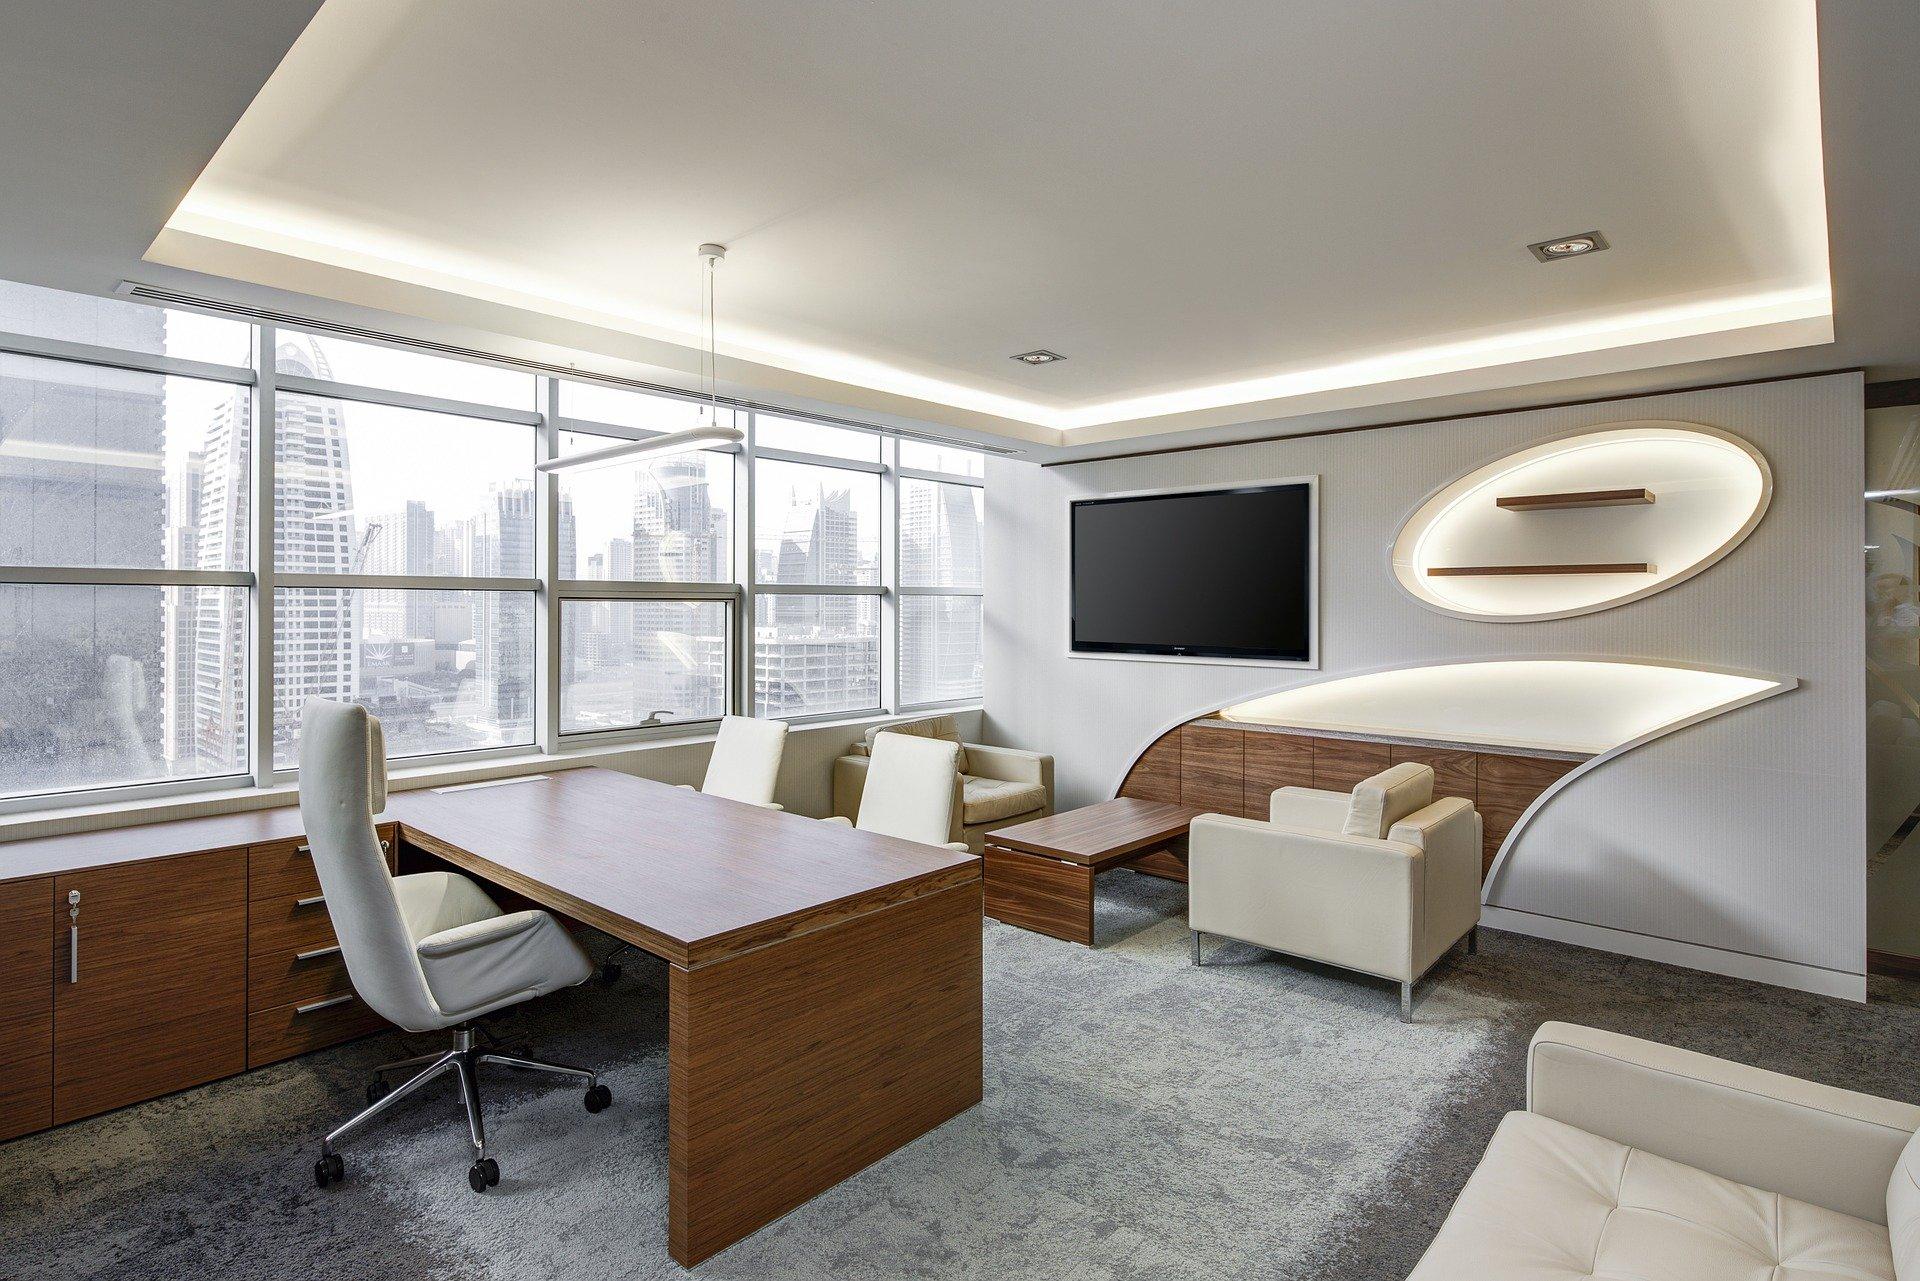 office-730681_1920 Pensar a iluminação